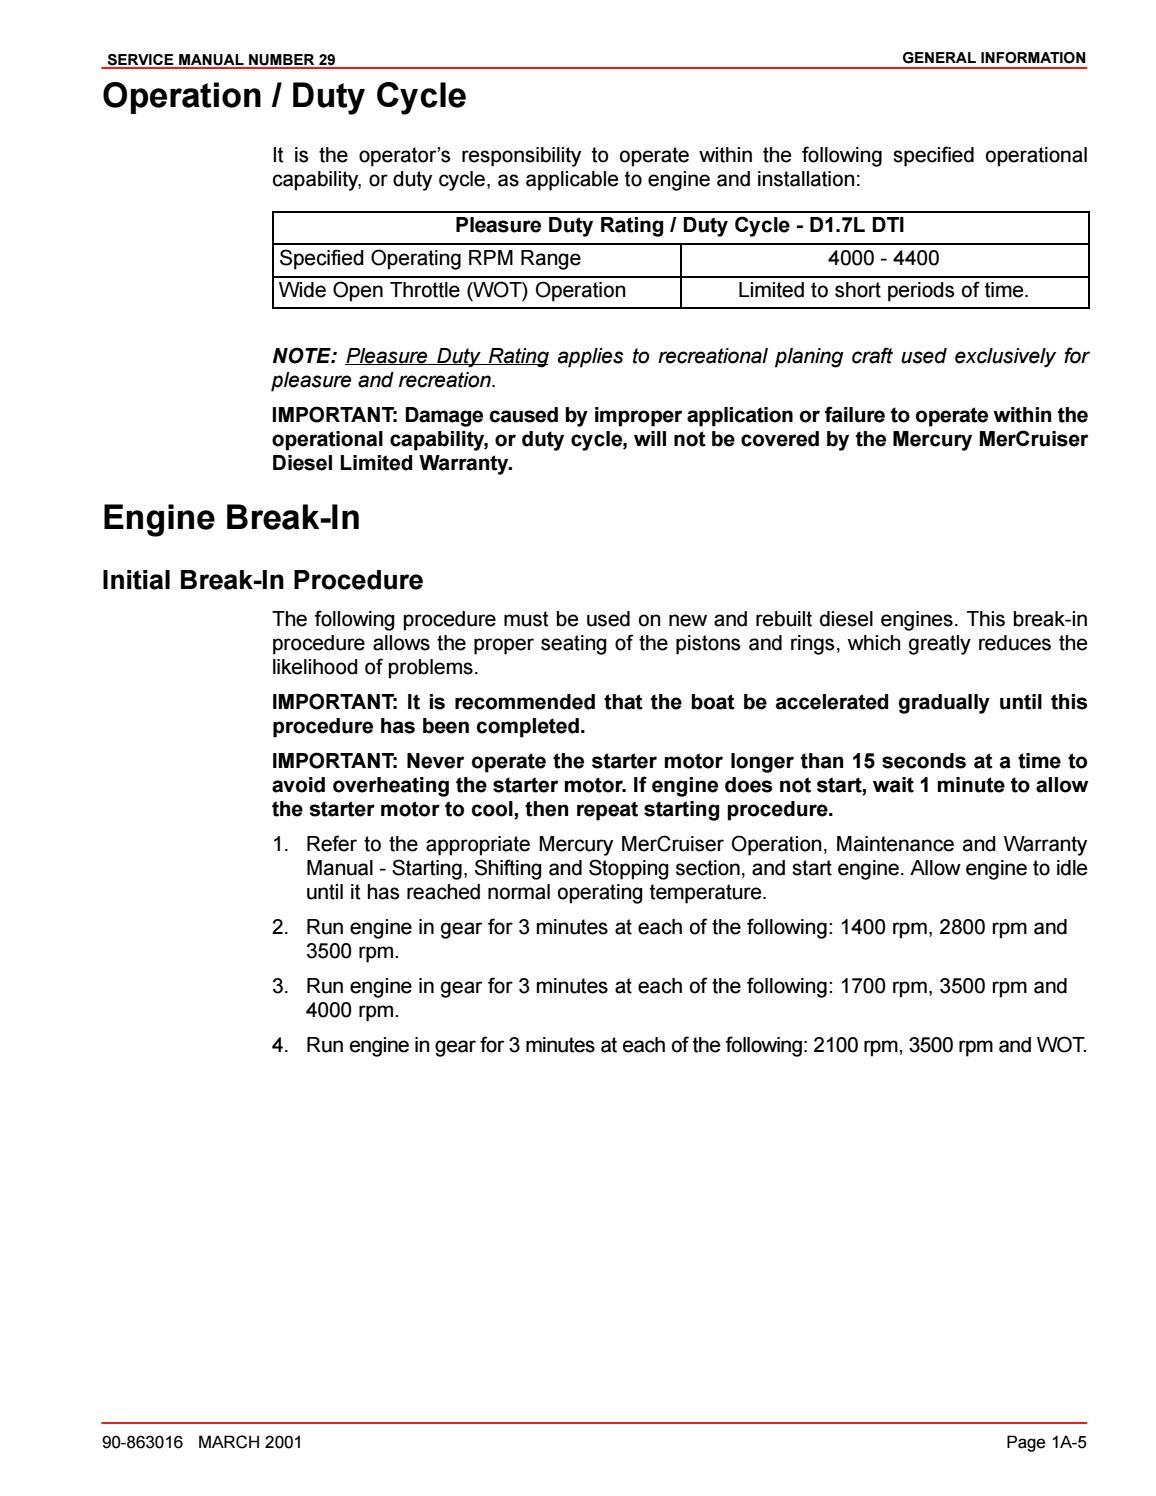 Manual de instrucciones de 523 624 724 IHC instrucción de funcionamiento